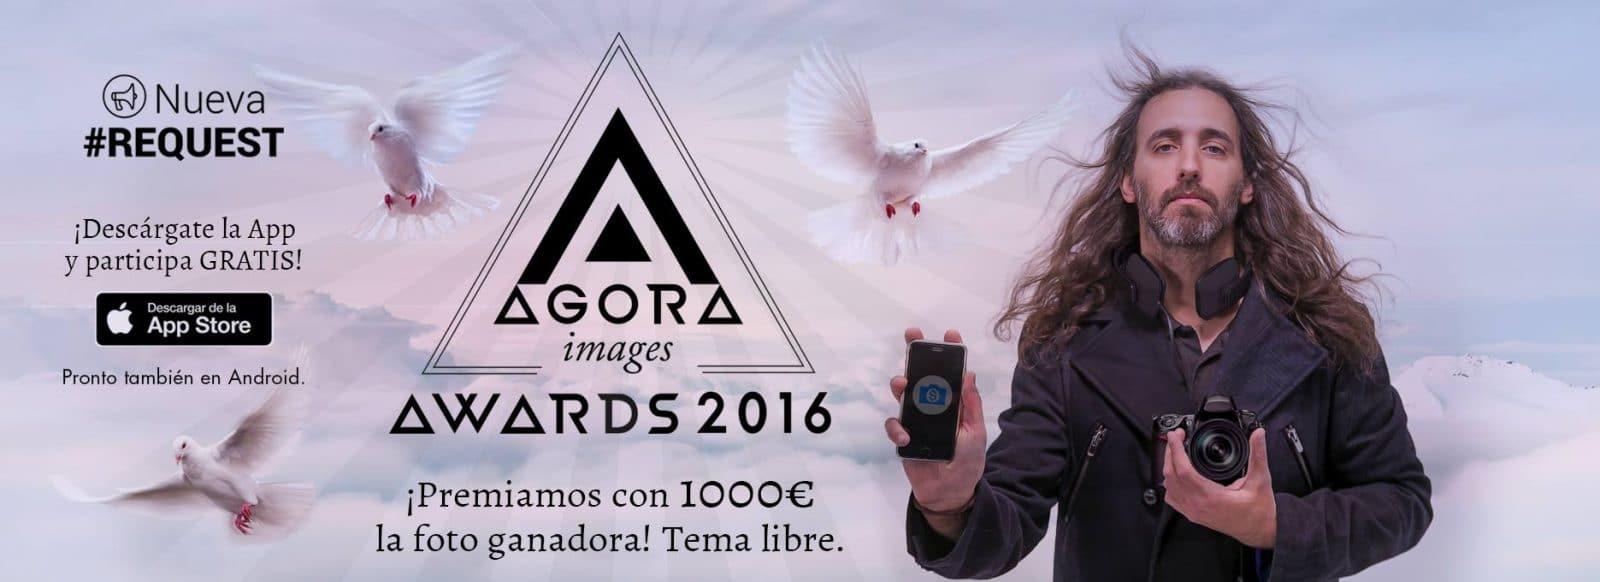 Los mejores concursos de fotografía de Diciembre 2016